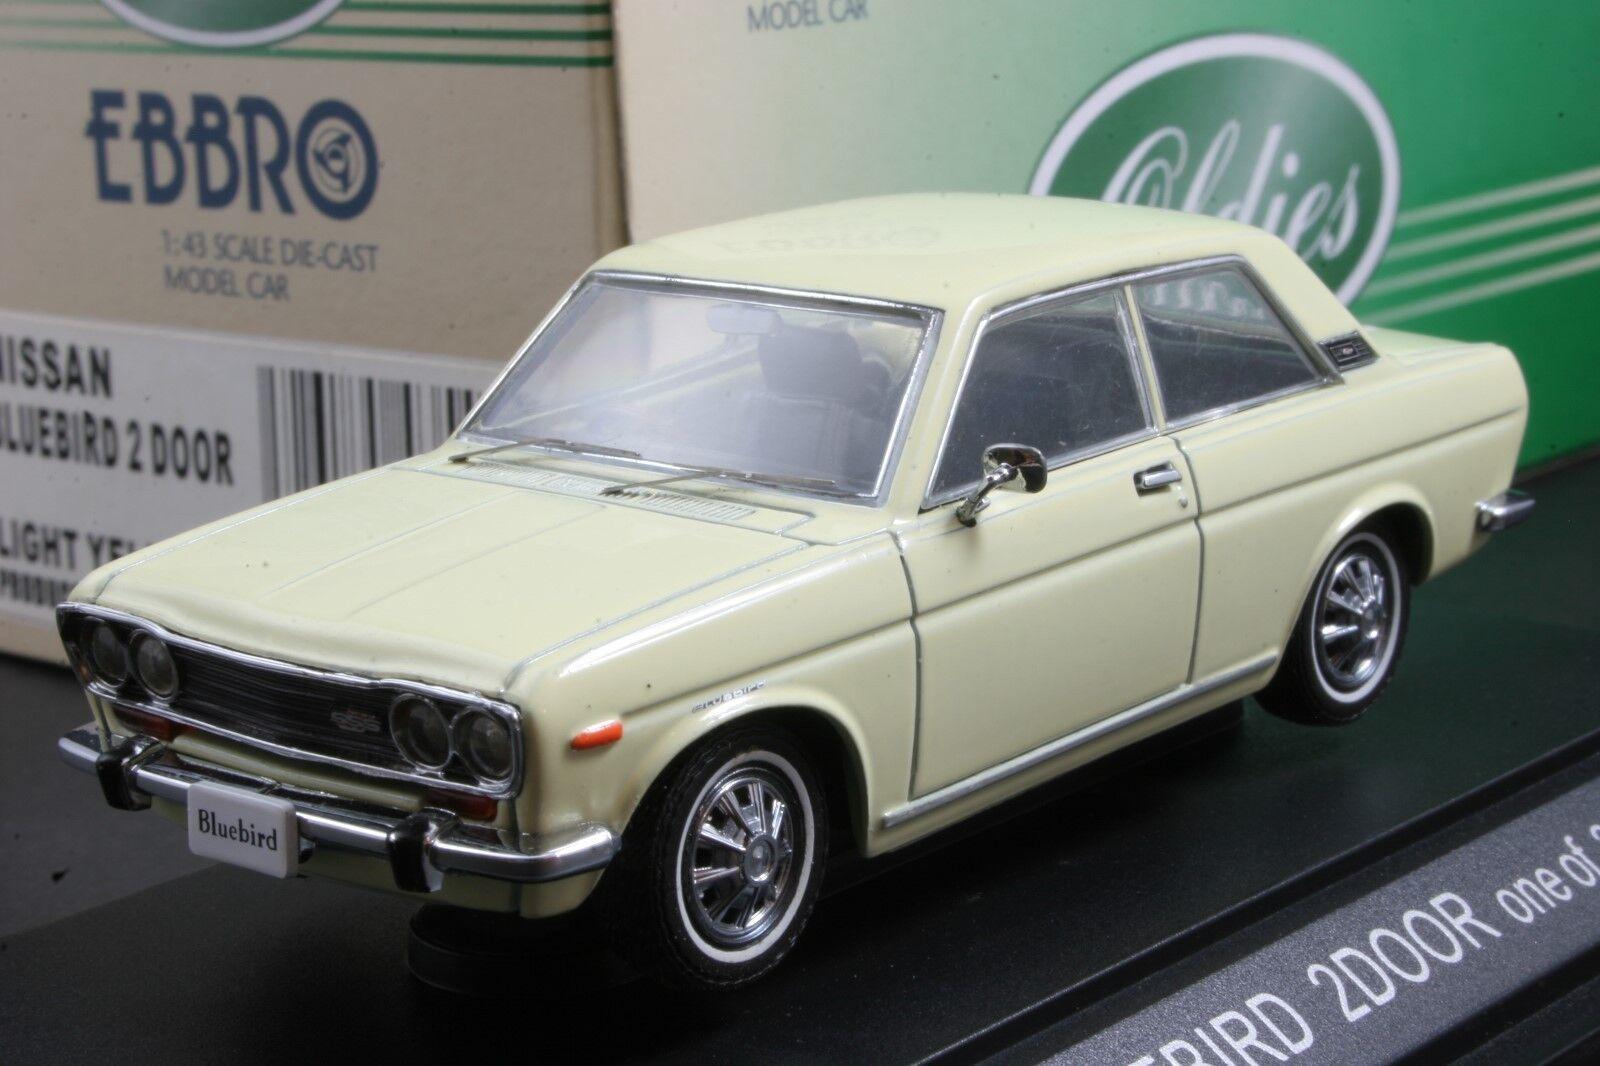 Ebbro 43543 1 43 Scale Nissan blueebird 2 Door Light Yellow  Die Cast Model Car